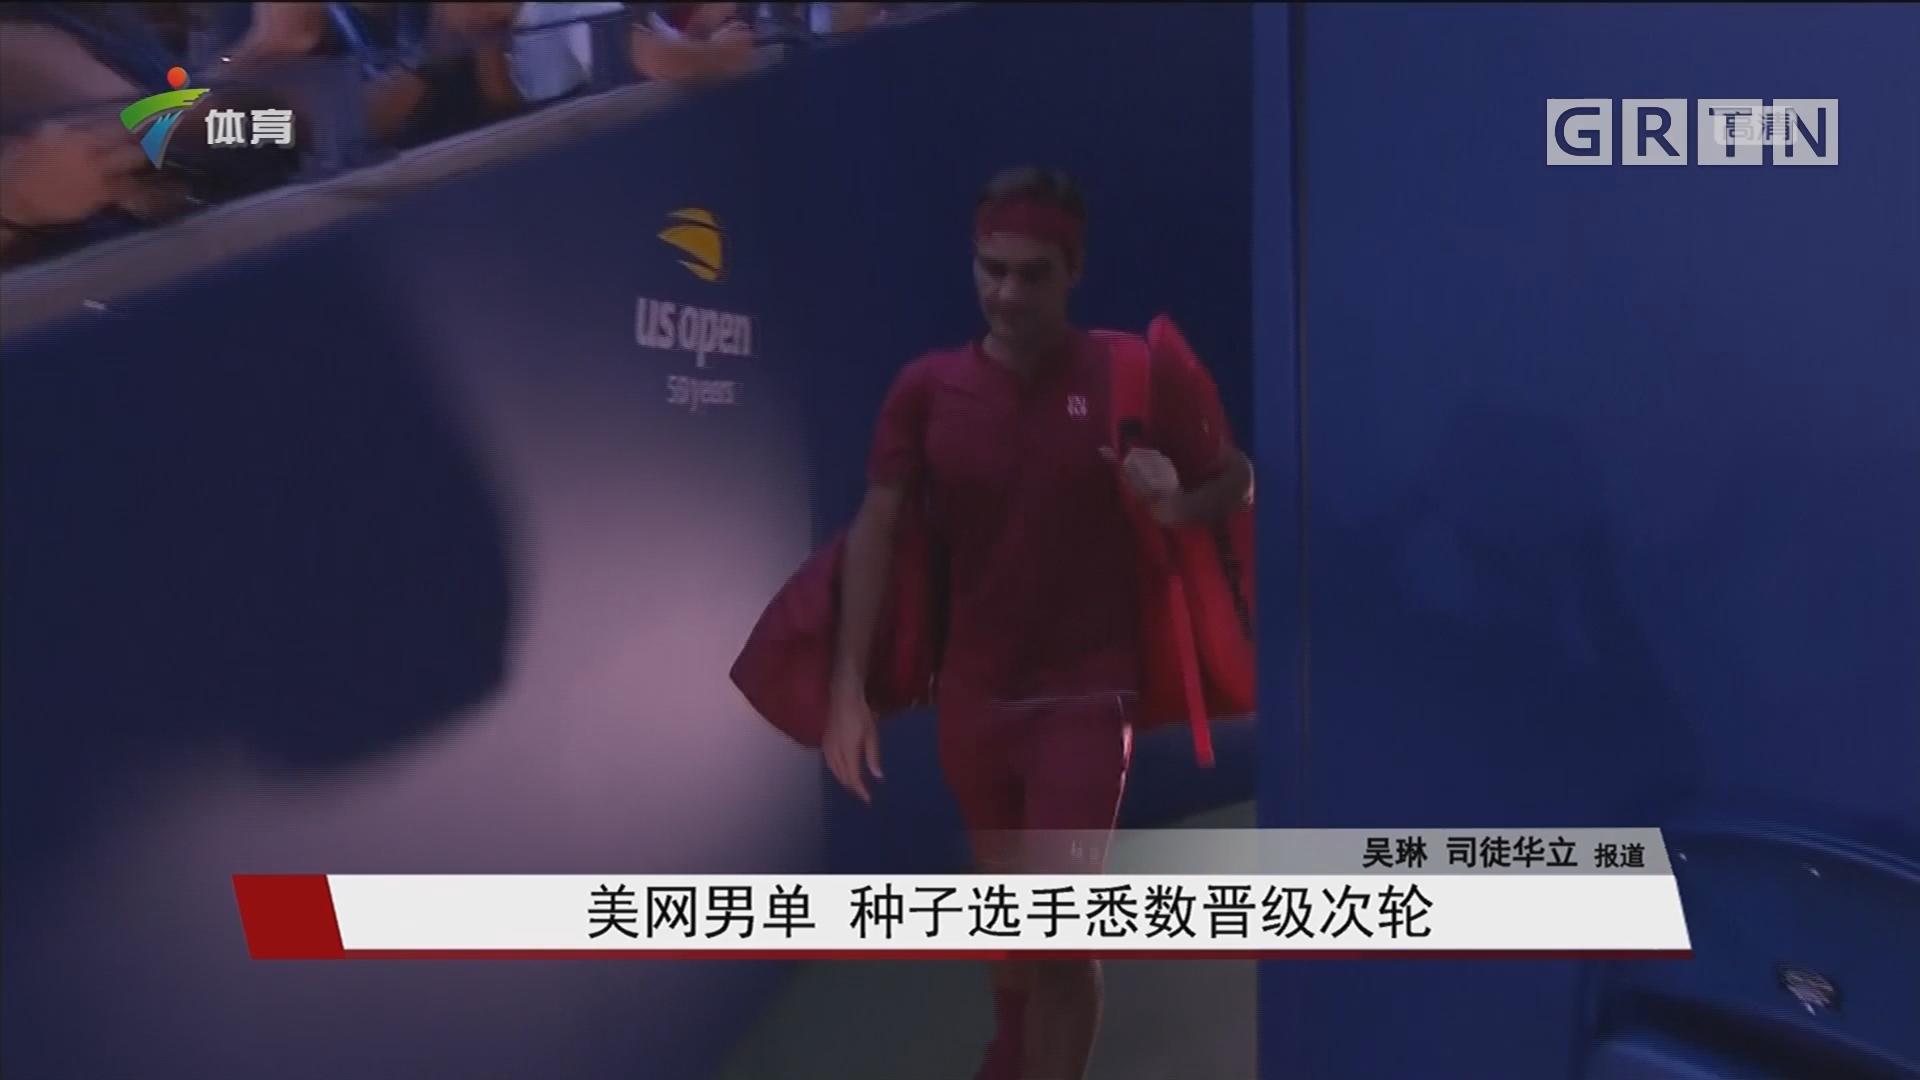 美网男单 种子选手悉数晋级次轮